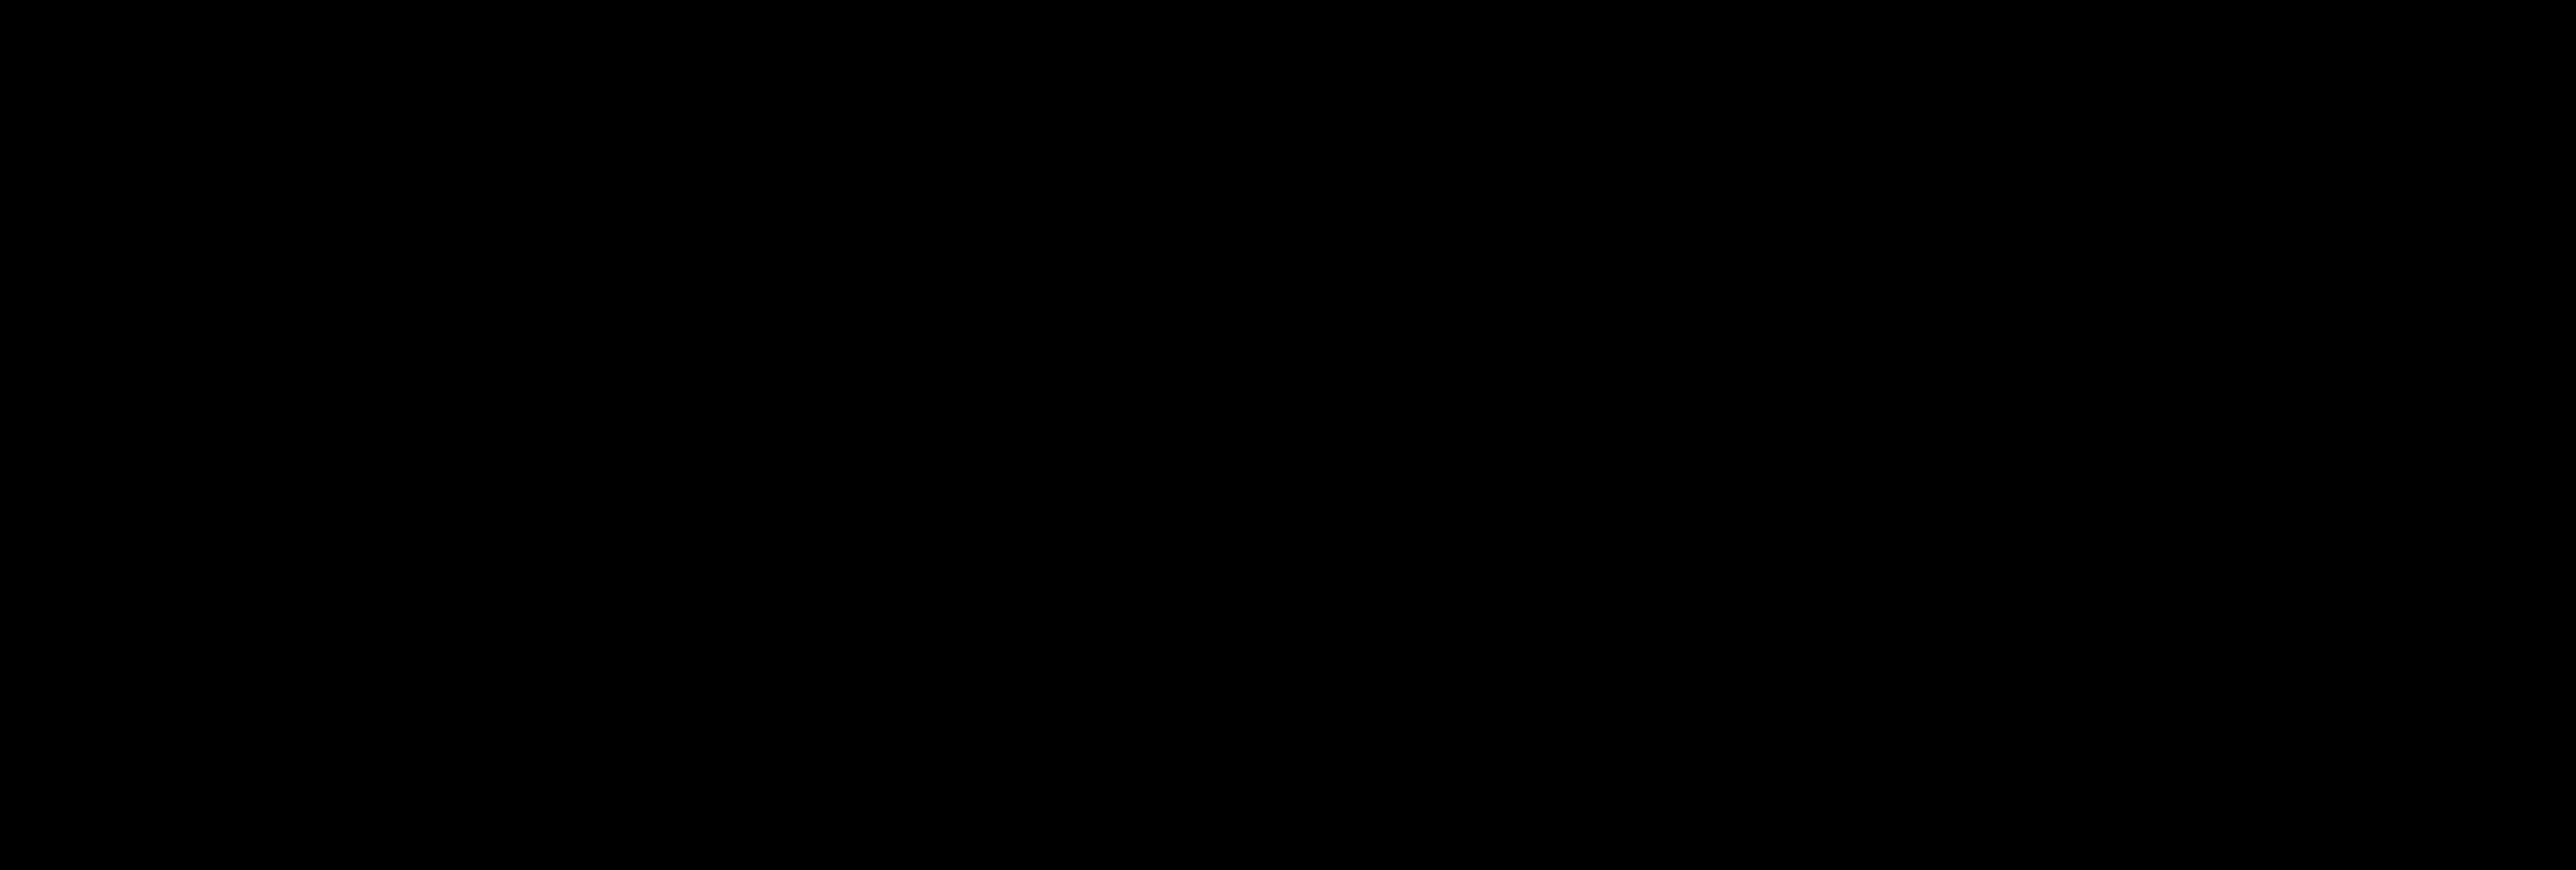 aoc logo 1 1 - AOC Logo